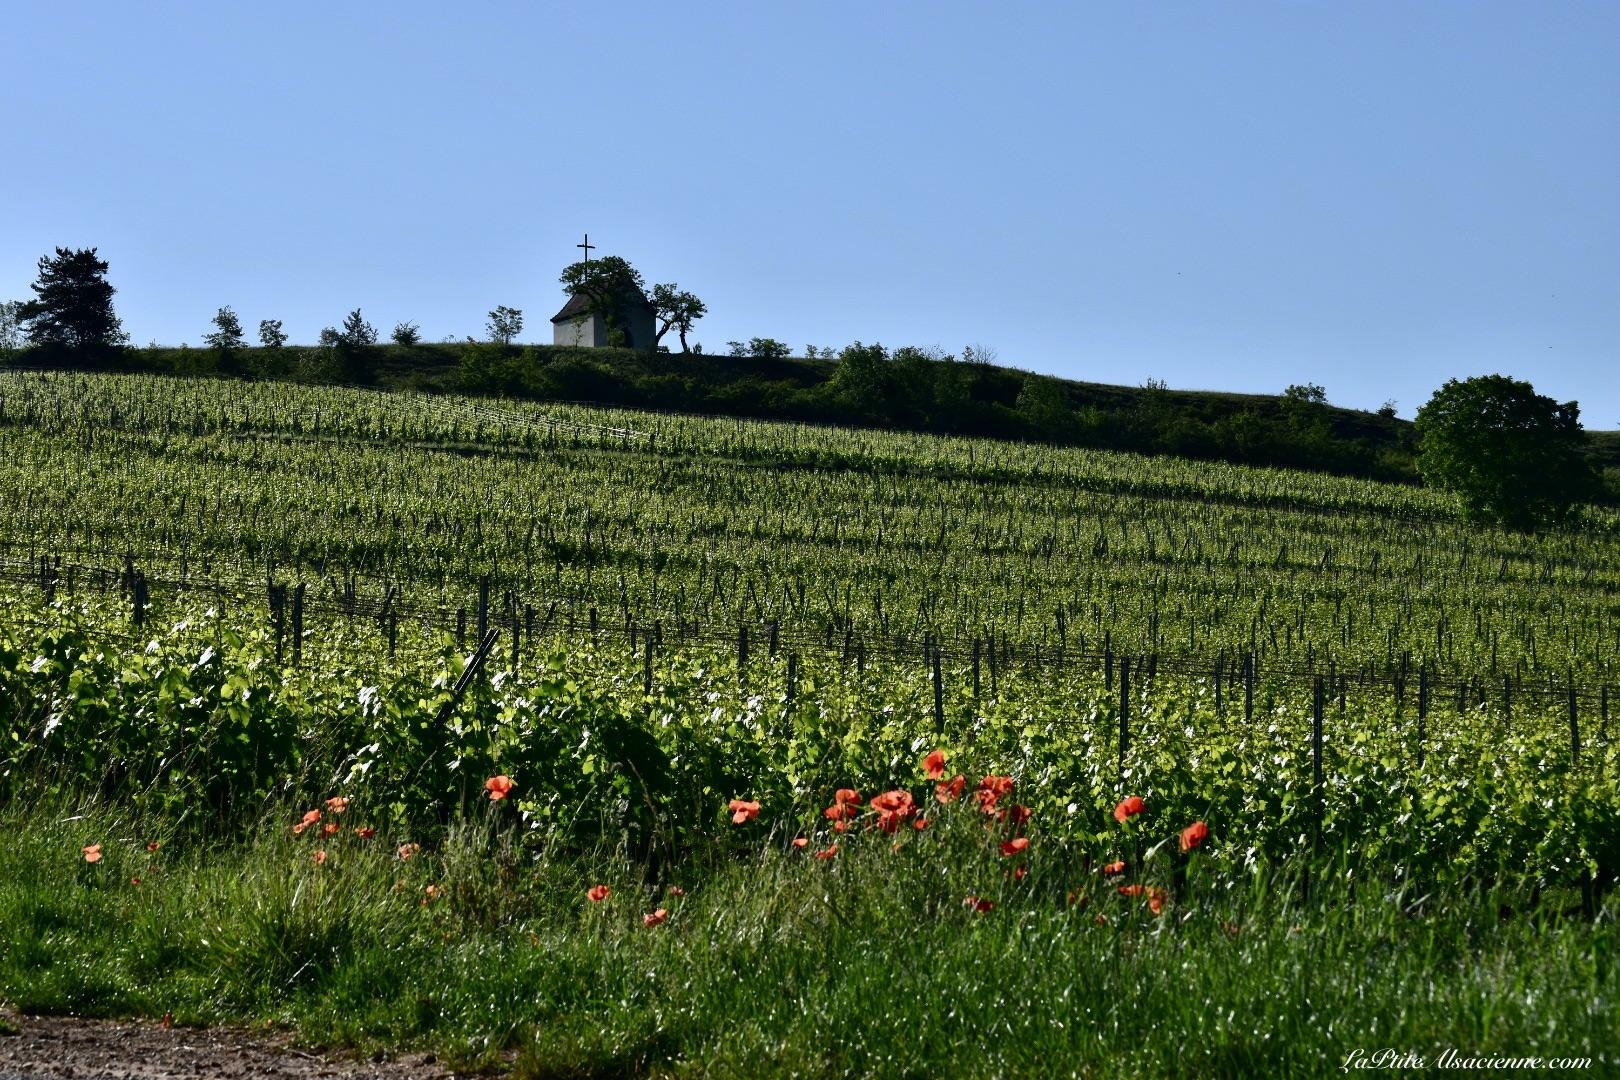 Chapelle du Bollenberg vue du bas du vignoble de Orschwihr - Photo by LaPtiteAlsacienne Cendrine Miesch